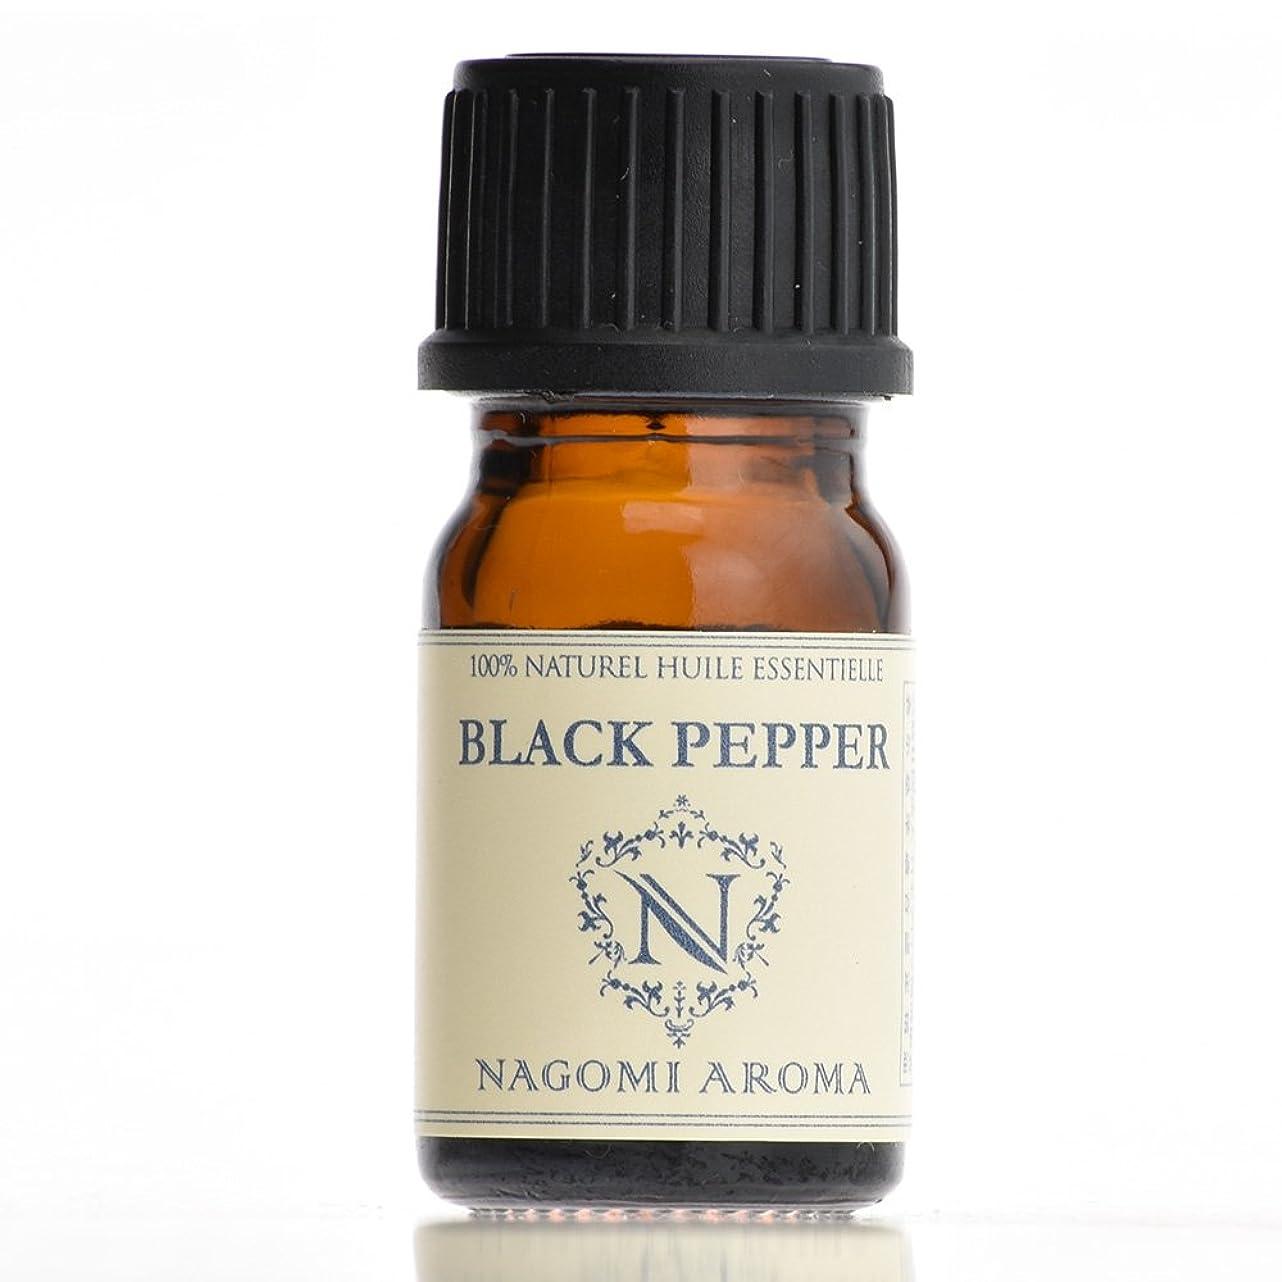 気味の悪い無駄に一月【AEAJ認定表示基準認定精油】NAGOMI PURE ブラックペッパー 5ml 【エッセンシャルオイル】【精油】【アロマオイル】|CONVOIL